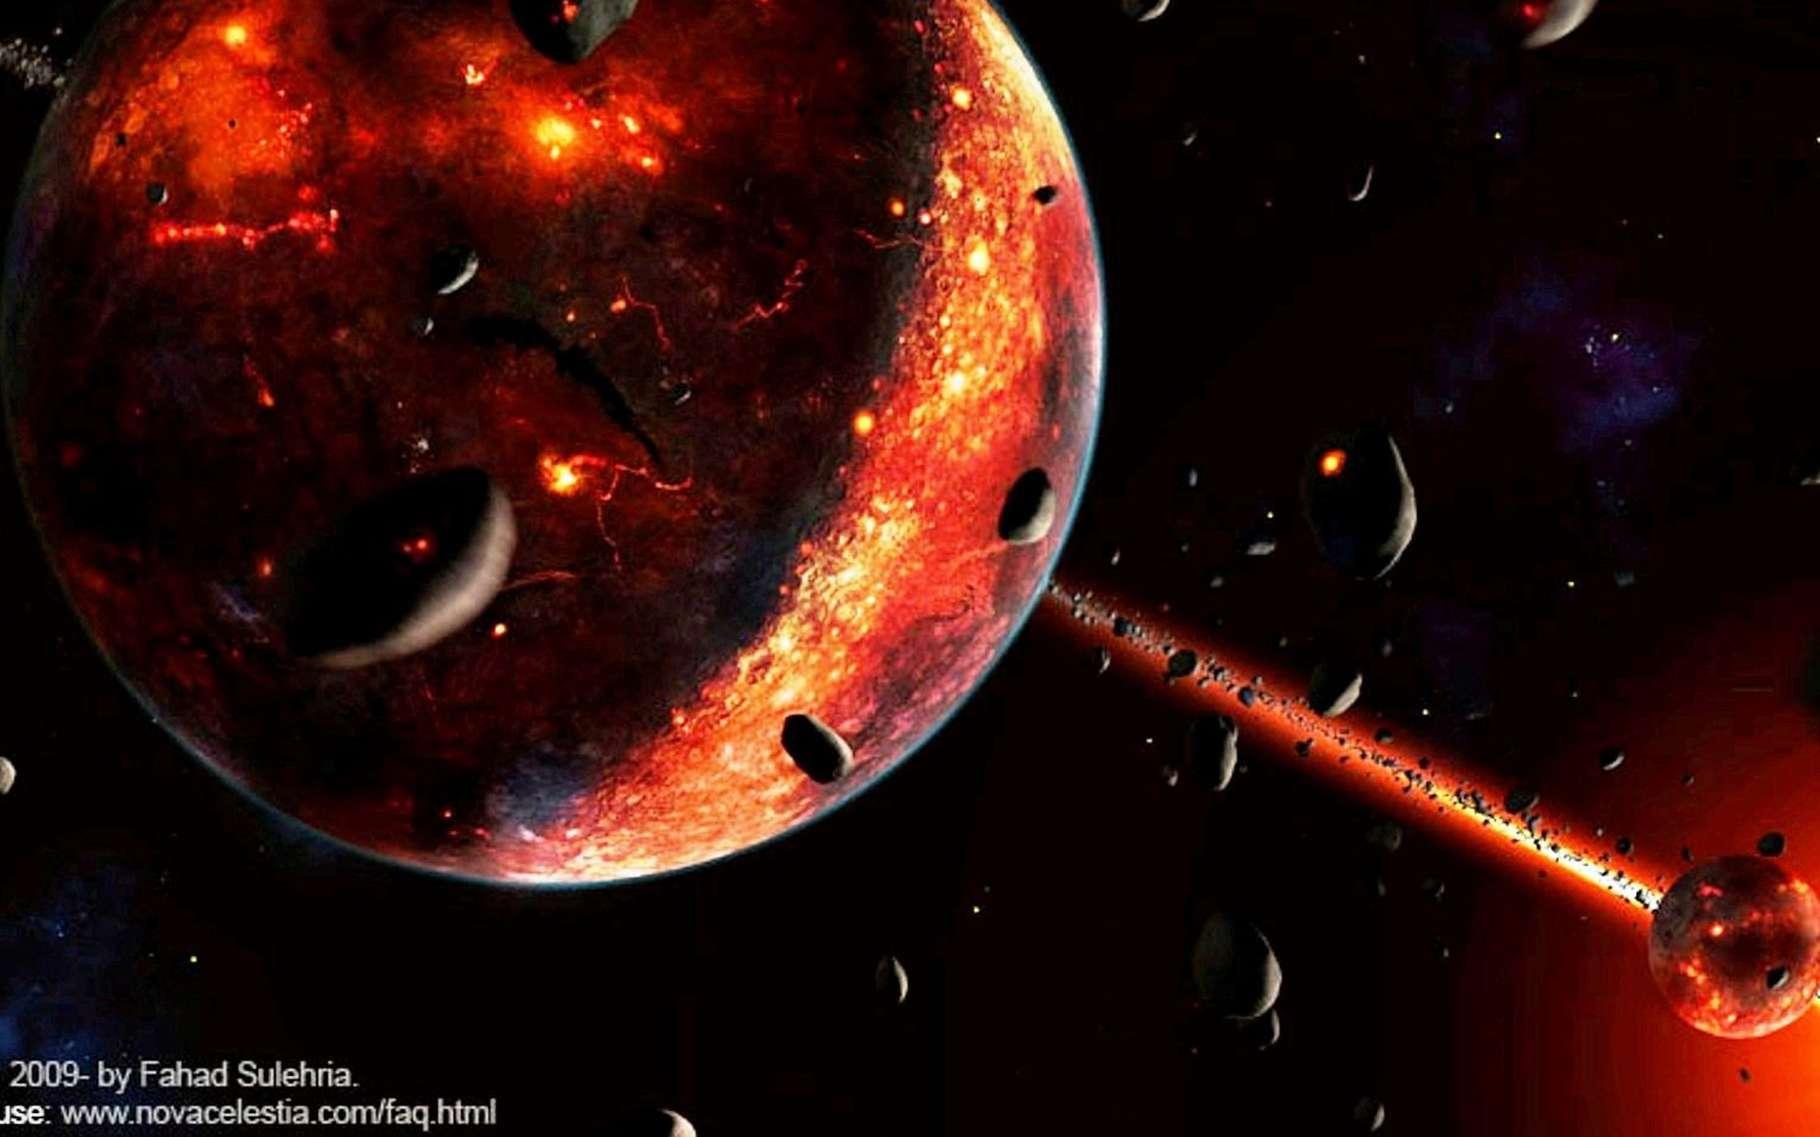 Vue d'artiste de la Terre après sa collision avec Théia. La jeune Lune est visible à droite. Les deux corps subissaient encore un fort bombardement météoritique, ce qui explique la présence à leur surface de zones couvertes de magma. © Fahad Sulehria